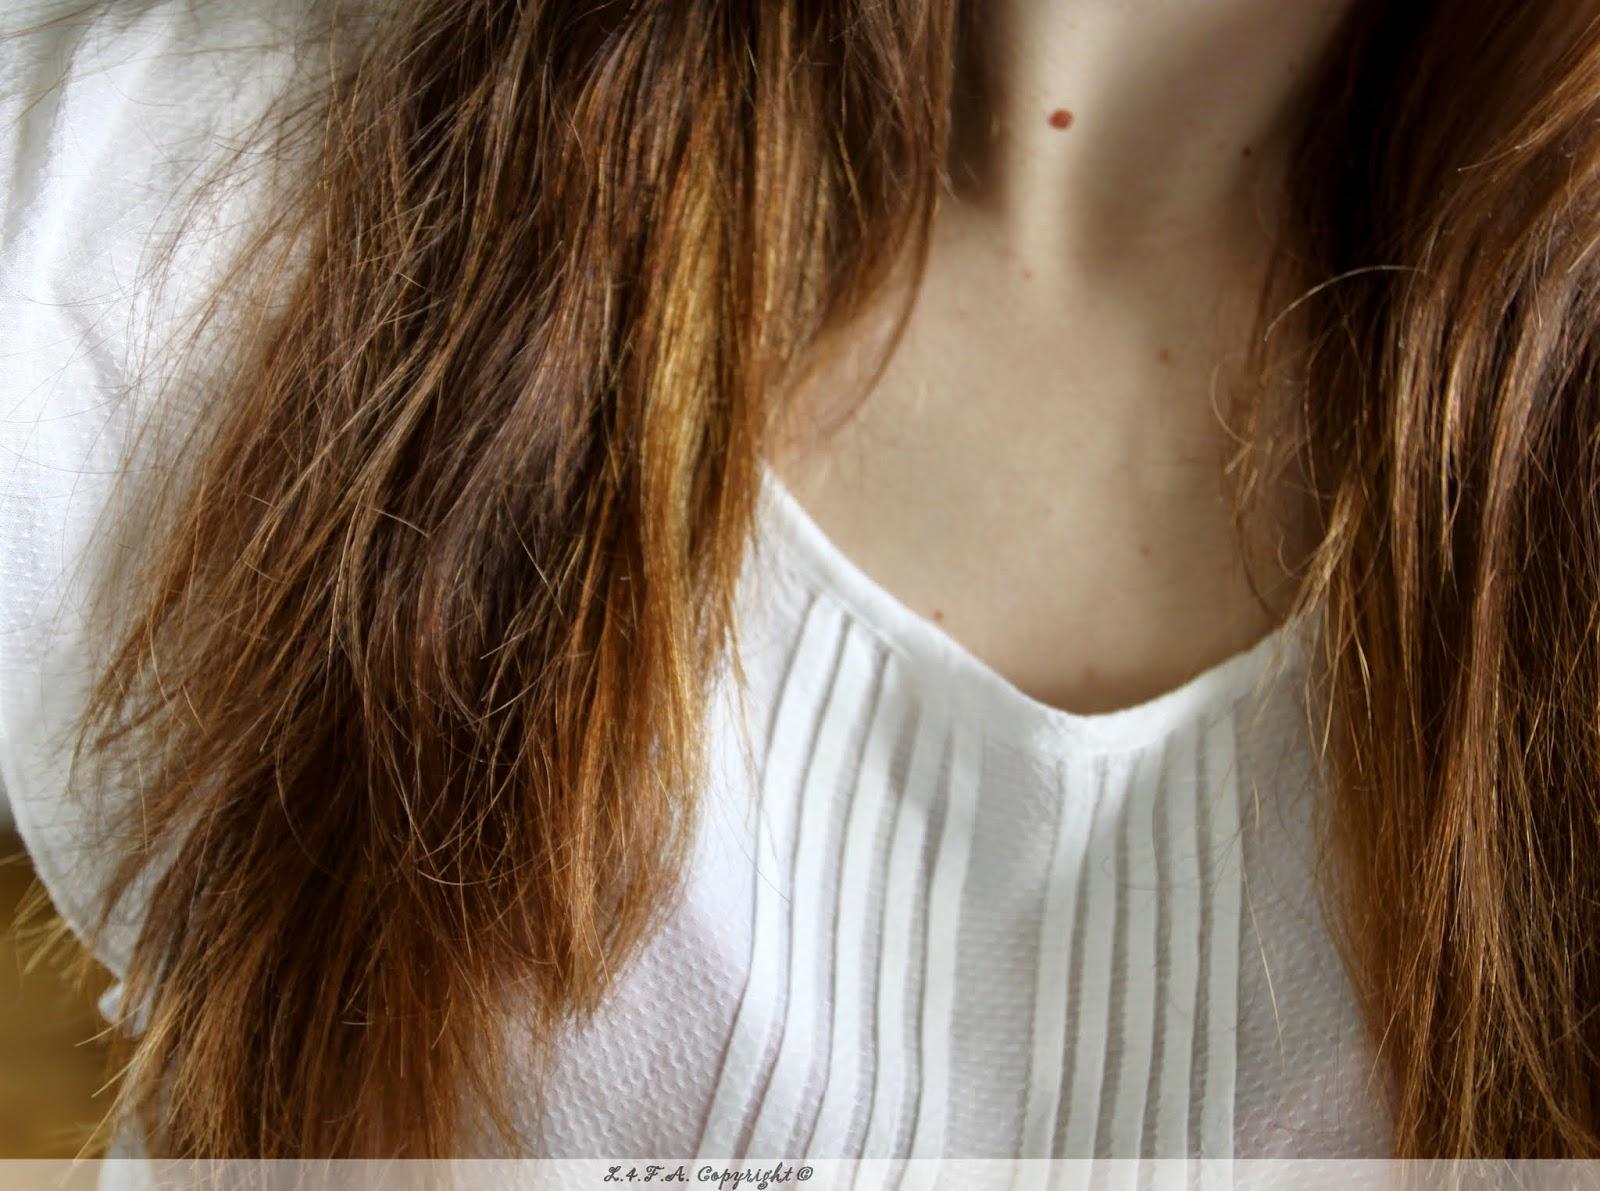 http://lesquatrefersenlair.blogspot.com/2014/11/comment-je-prends-soin-de-mes-cheveux.html